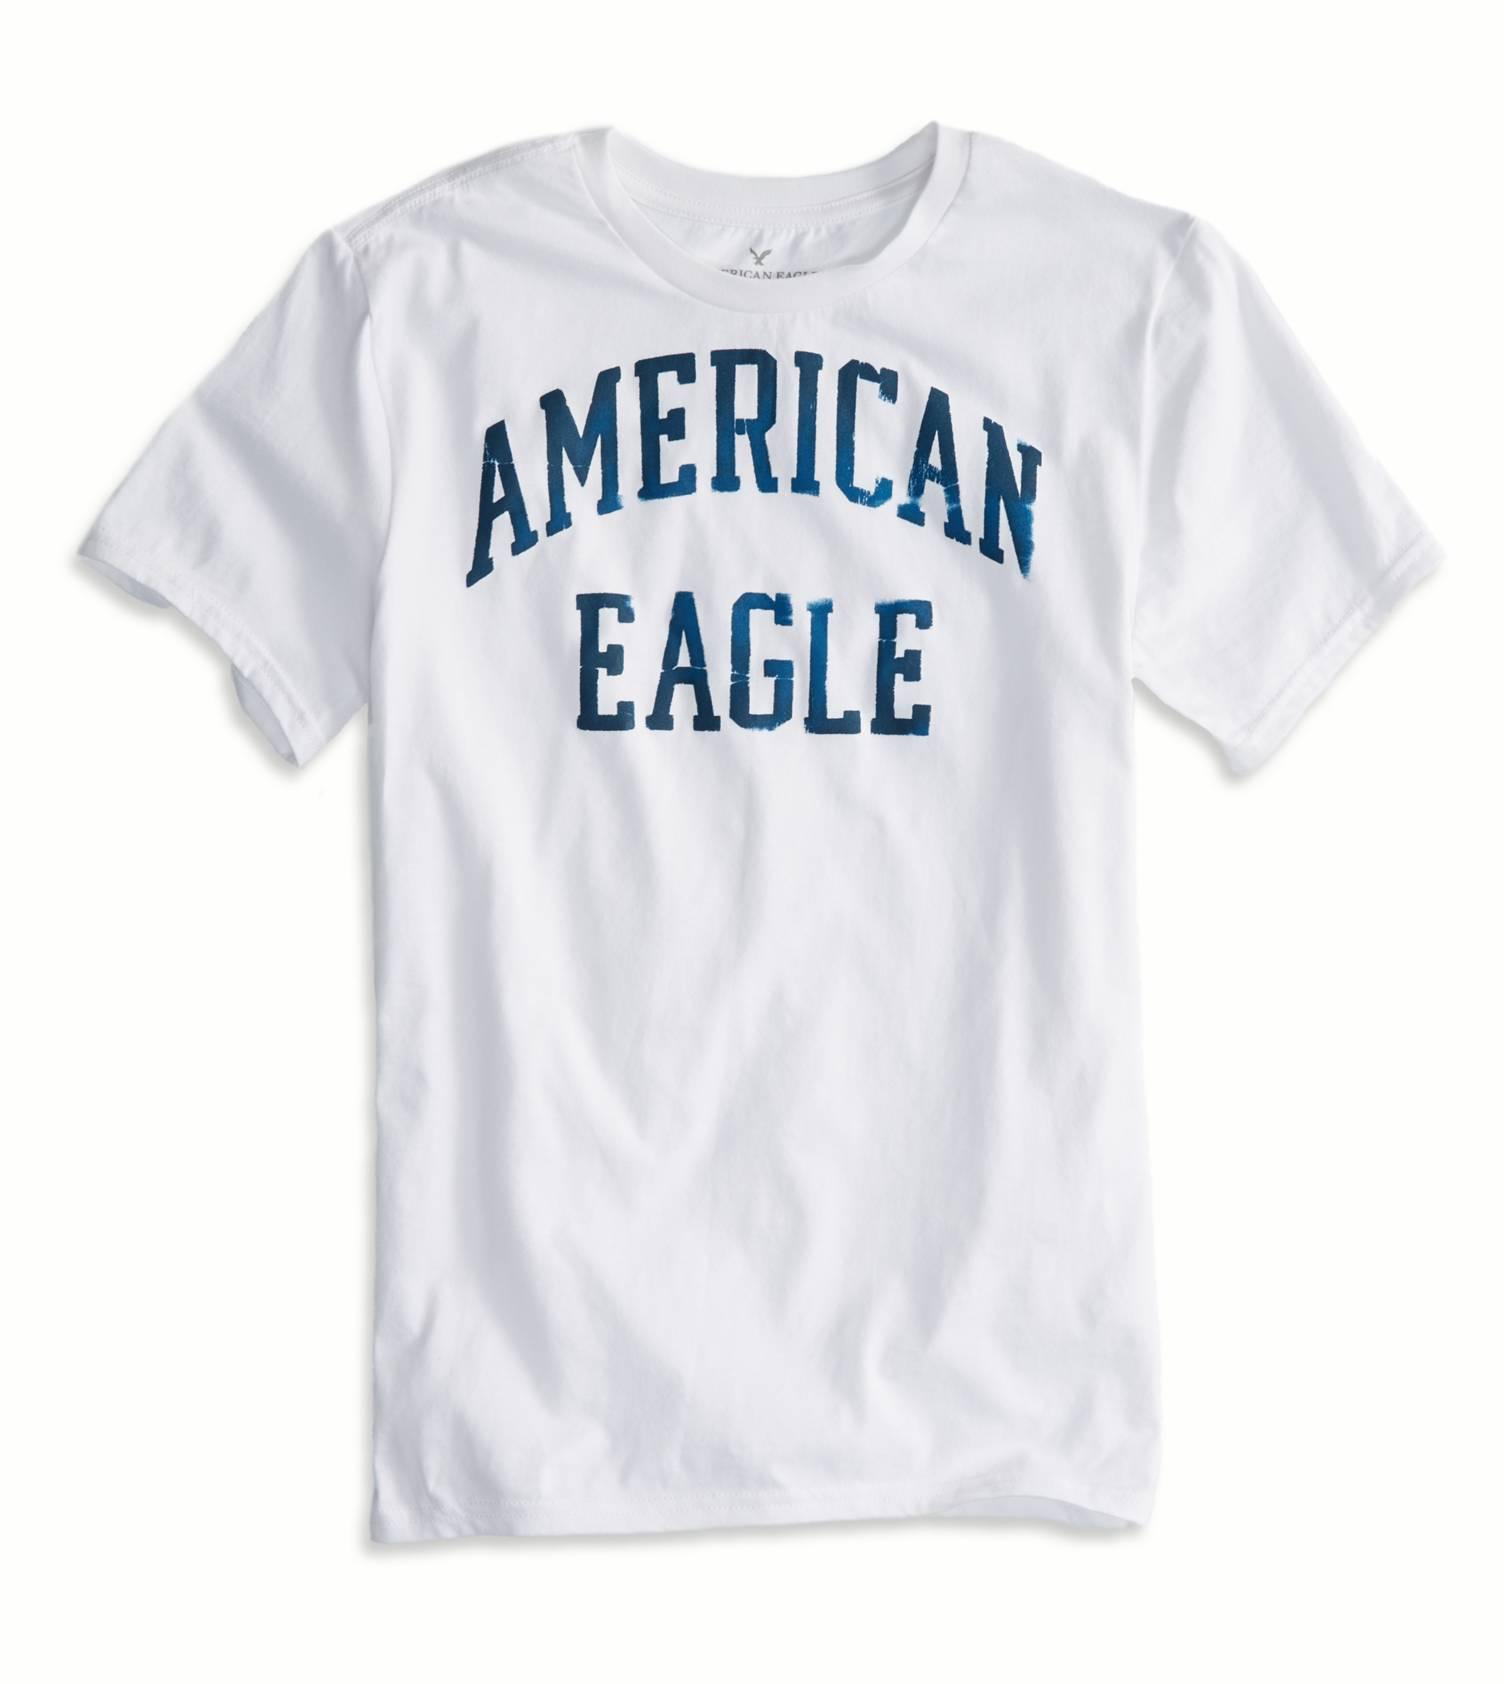 美國百分百【全新真品】American Eagle T恤 AE 短袖 上衣 T-shirt 老鷹 白 文字 圓領 男 XS S號